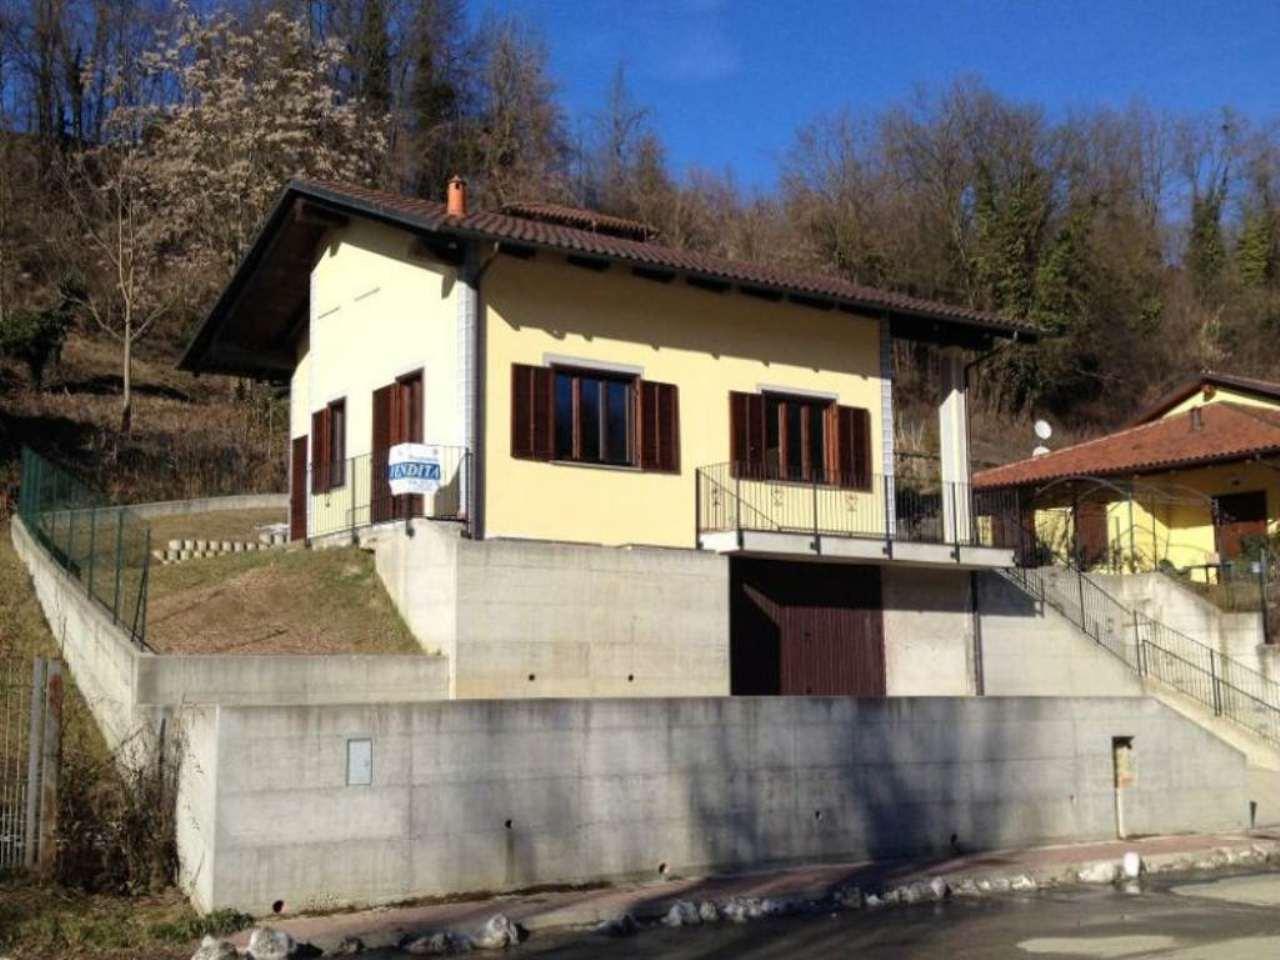 Soluzione Indipendente in vendita a Castelnuovo Don Bosco, 4 locali, prezzo € 169.000 | Cambio Casa.it